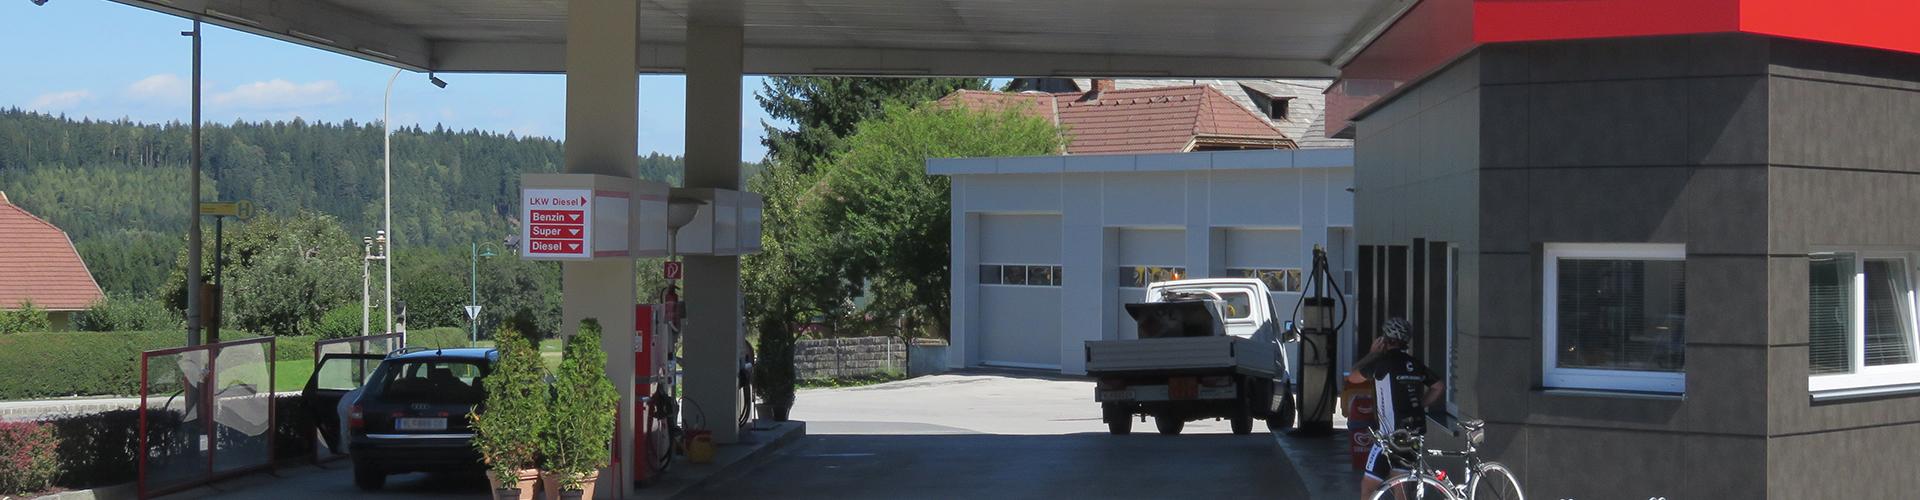 Christian-_Tankstelle-Waschanlage-019-0x500